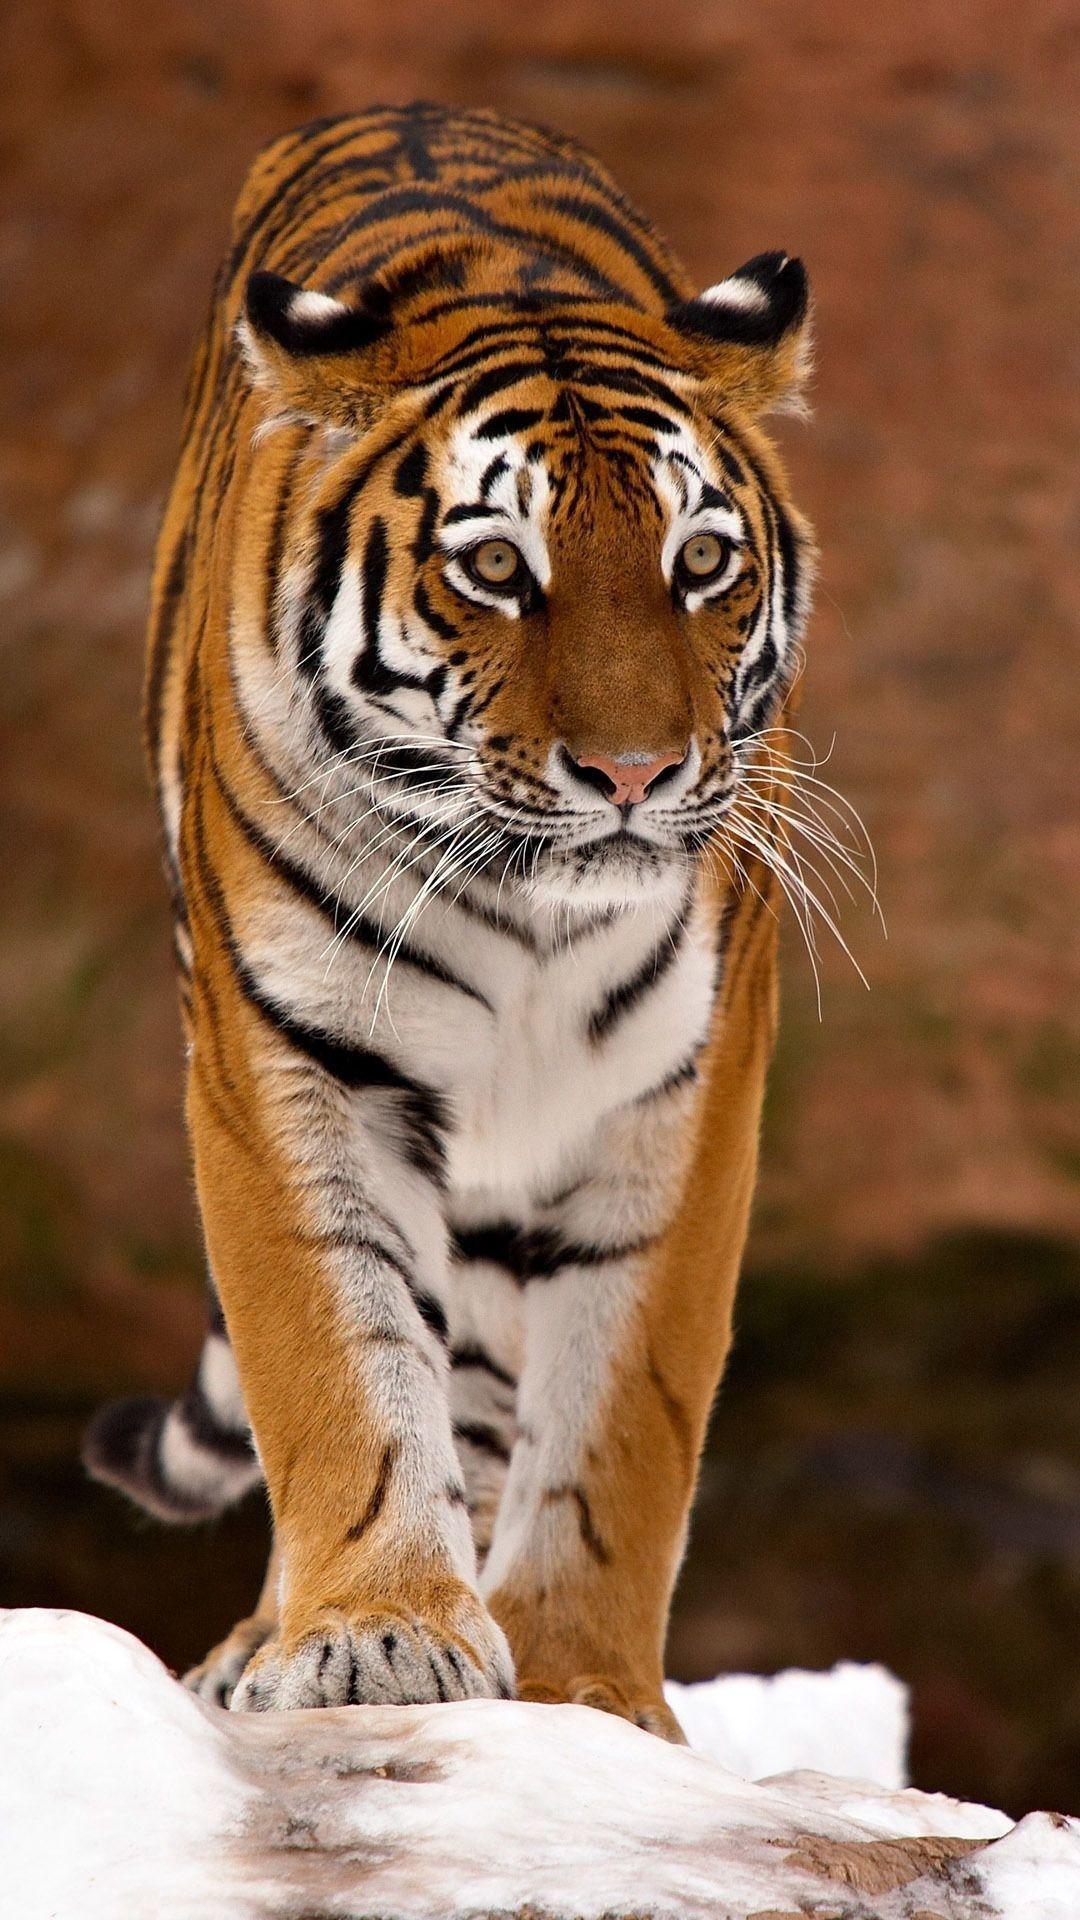 Tiger Wallpaper Hd Full Screen Check More At Http Viceimages Com Tiger Wallpaper Hd Full Screen In 2020 Tiger Wallpaper Iphone Wallpaper Cat Cat Wallpaper